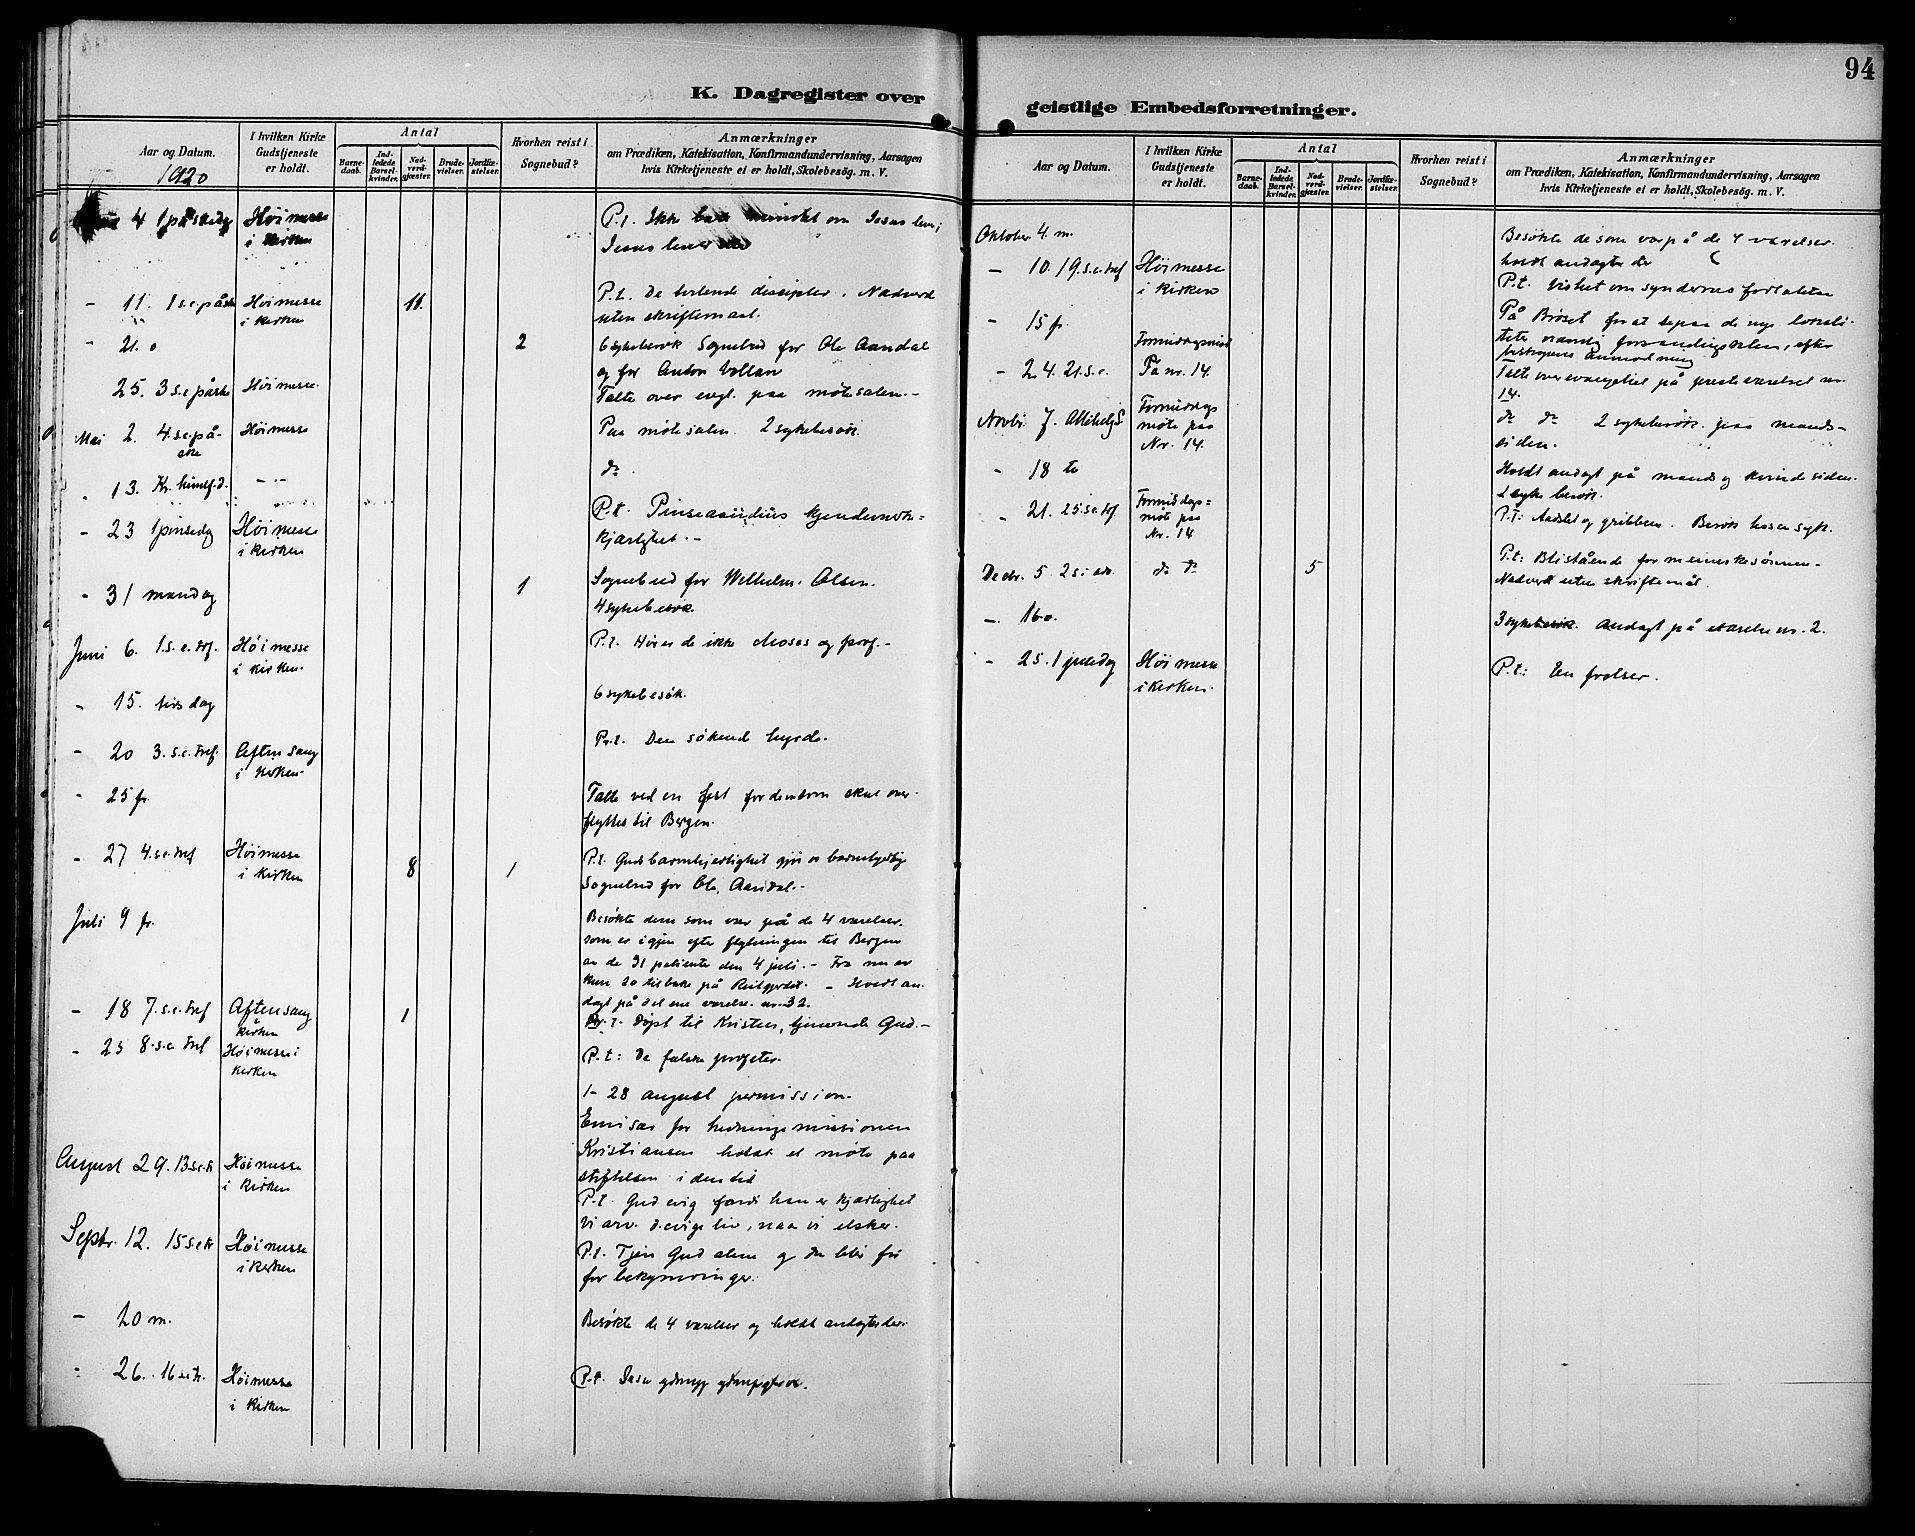 SAT, Ministerialprotokoller, klokkerbøker og fødselsregistre - Sør-Trøndelag, 629/L0486: Ministerialbok nr. 629A02, 1894-1919, s. 94